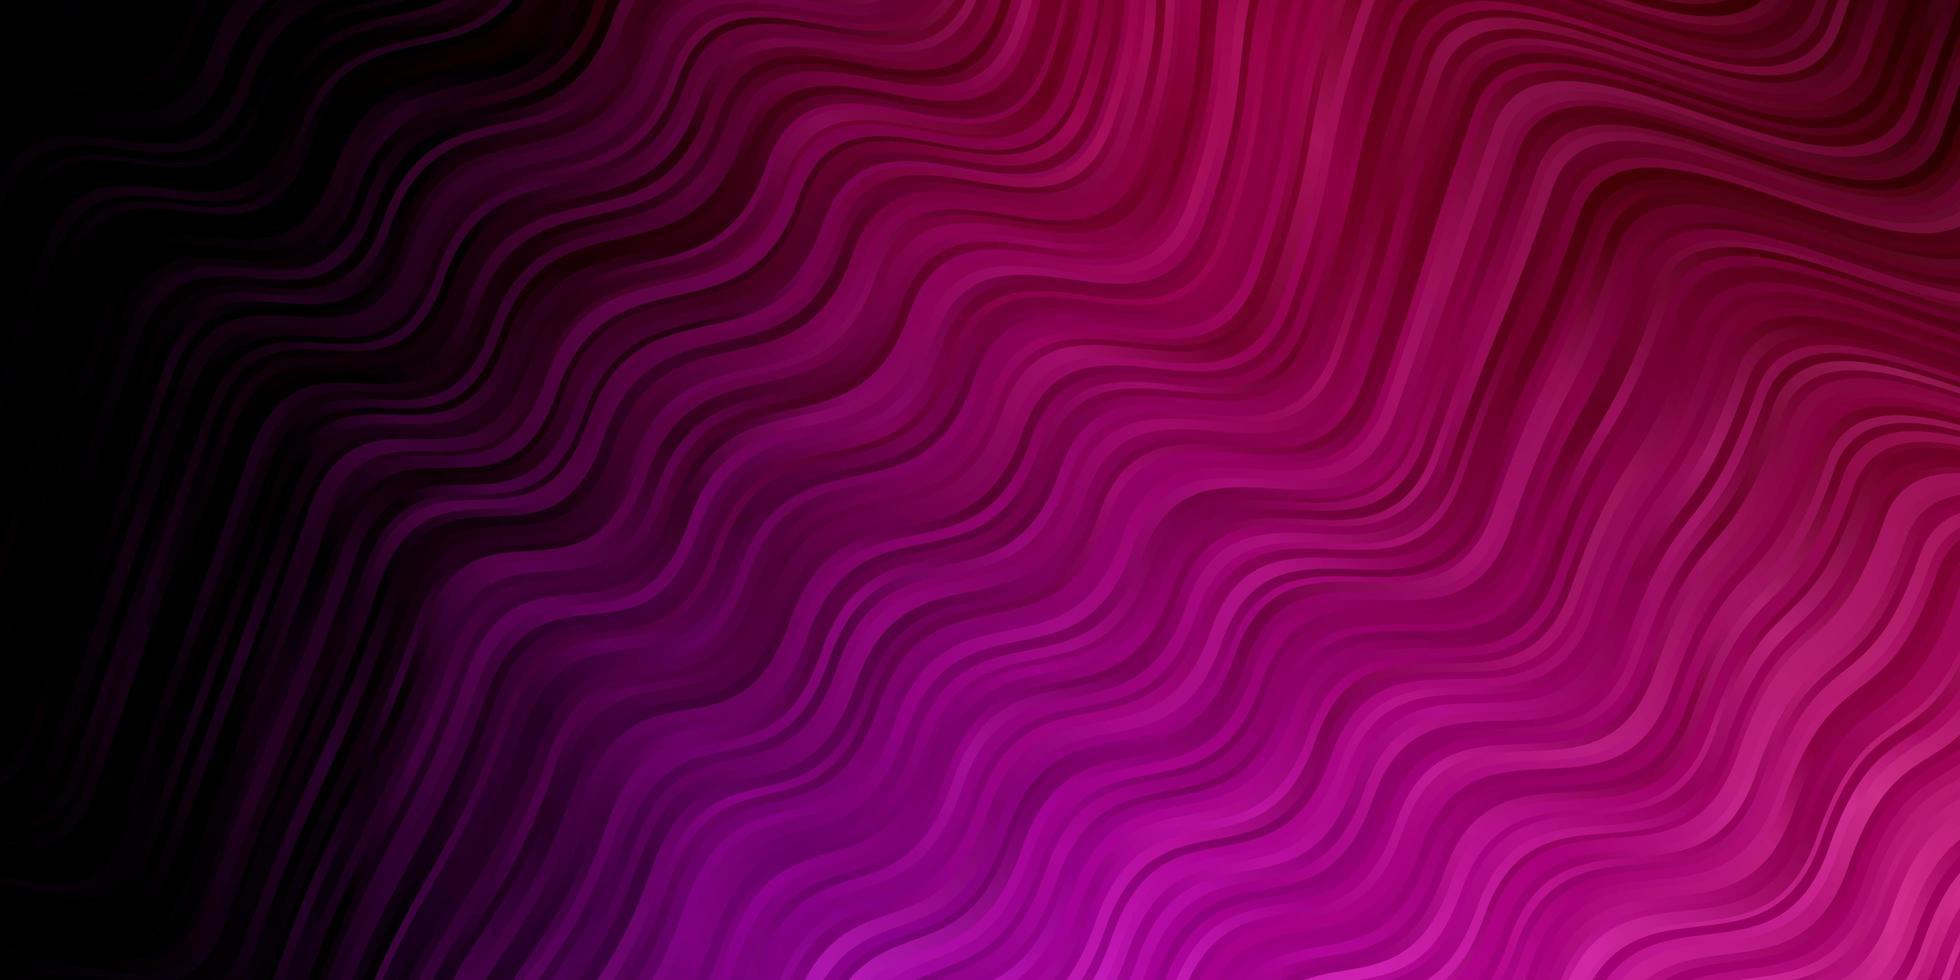 dunkelviolette, rosa Vektorschablone mit Kurven. vektor